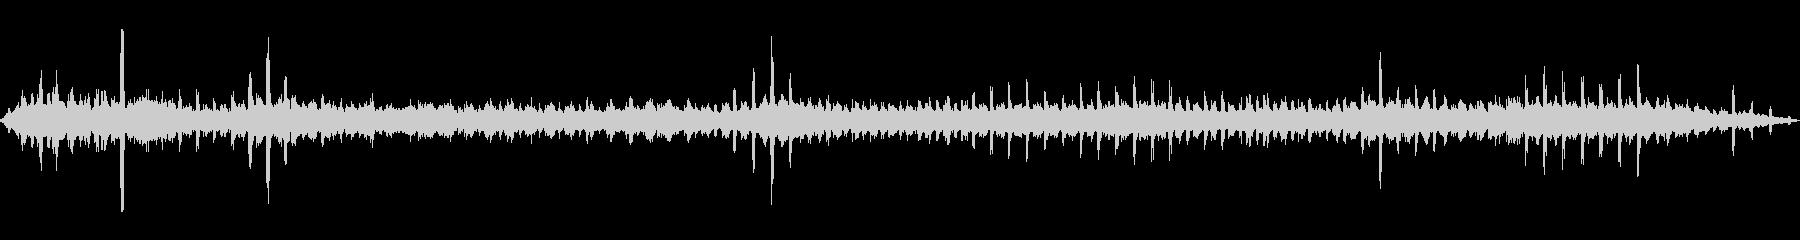 リズムイオンパルス、残響室、SCI...の未再生の波形